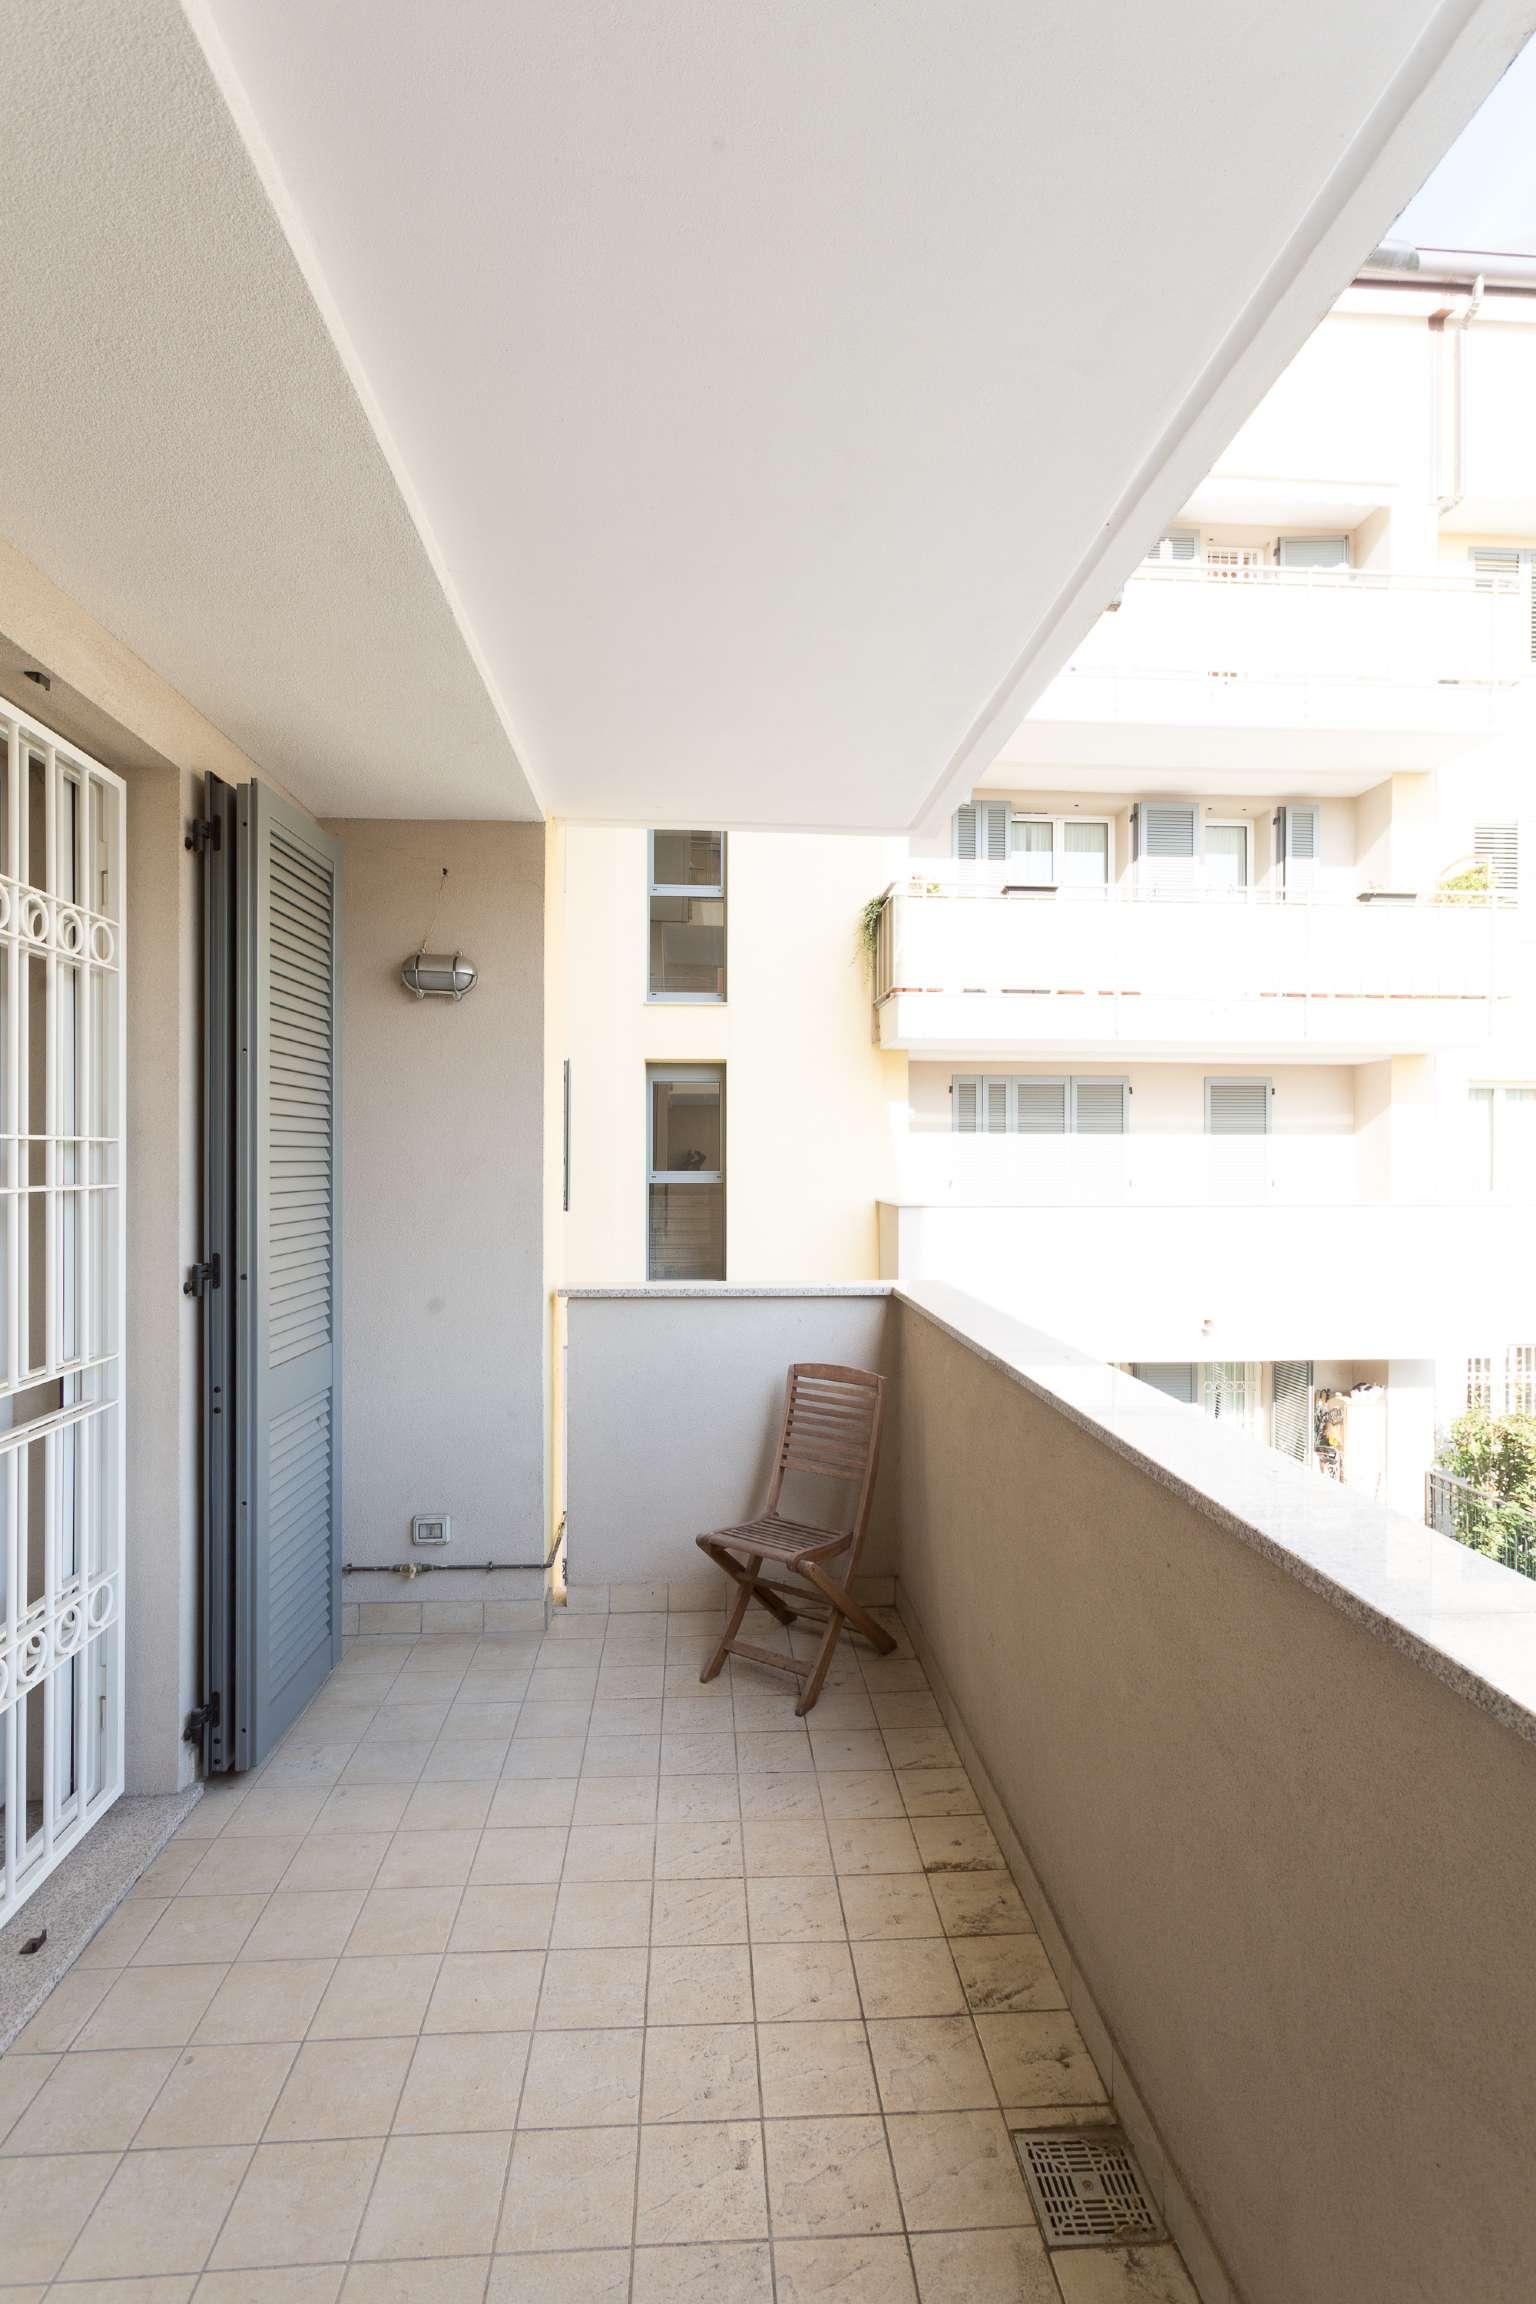 Appartamento in vendita a Cernusco sul Naviglio, 2 locali, prezzo € 195.000   CambioCasa.it